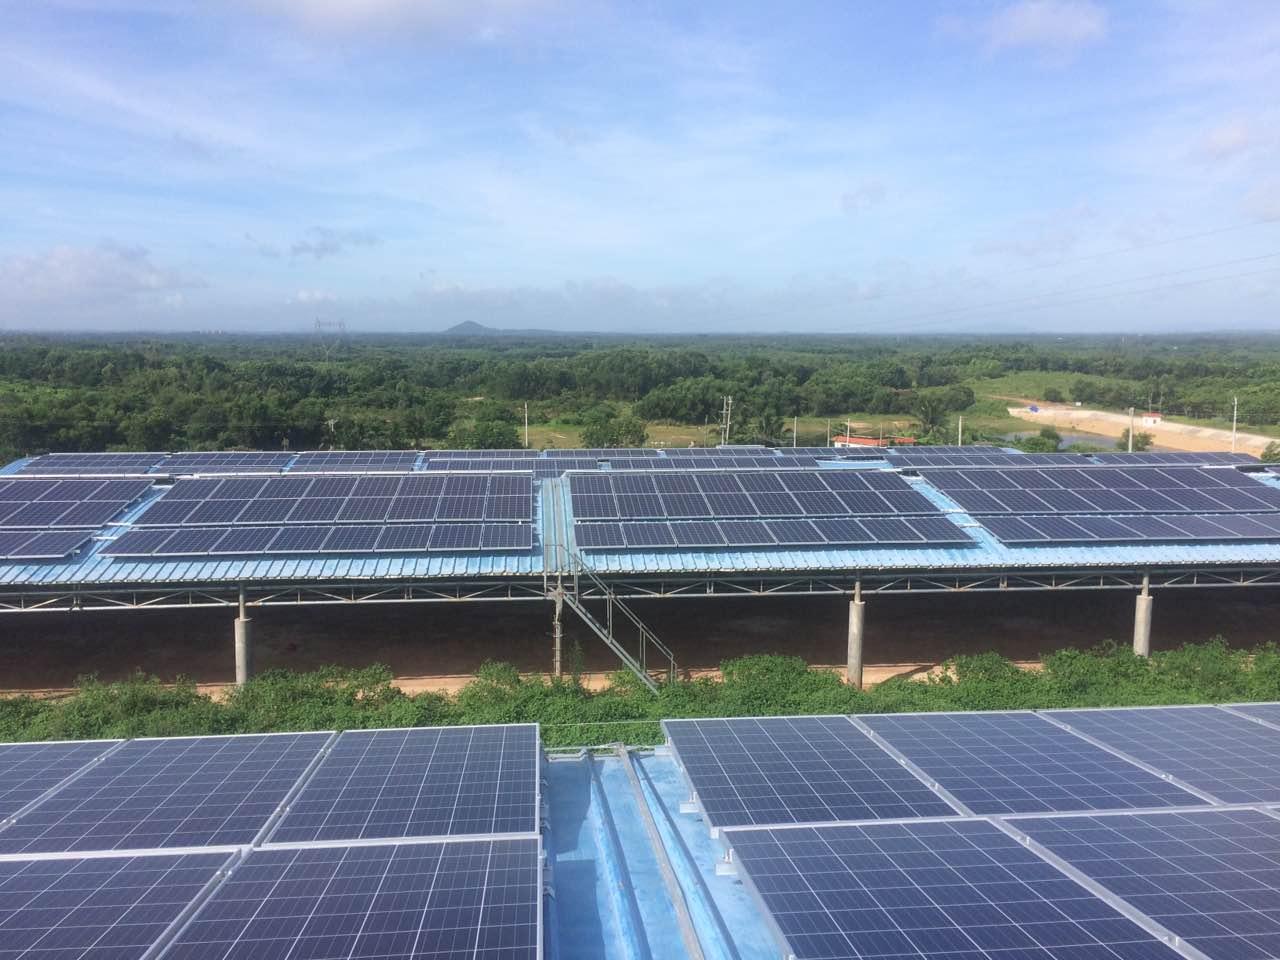 南网能源旱鸭基地4.67MW光伏发电EPC总承包项目